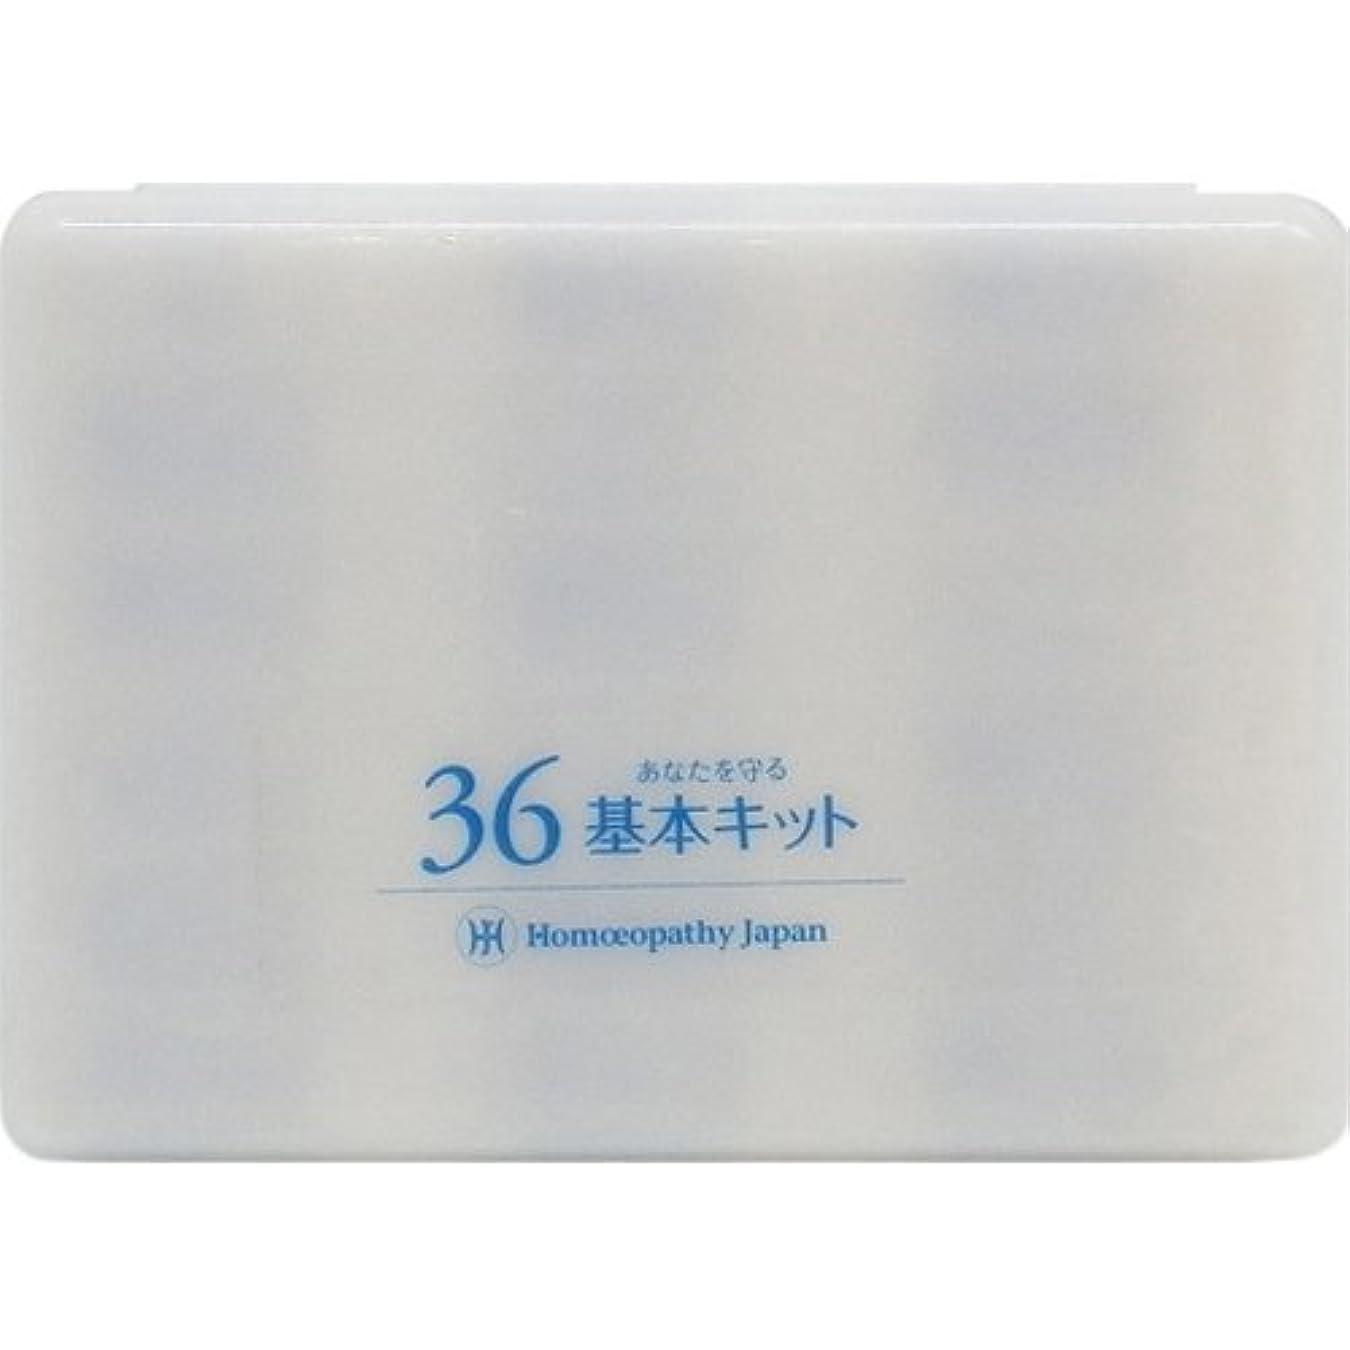 バレル篭満足できるホメオパシージャパンレメディー 新36基本キット